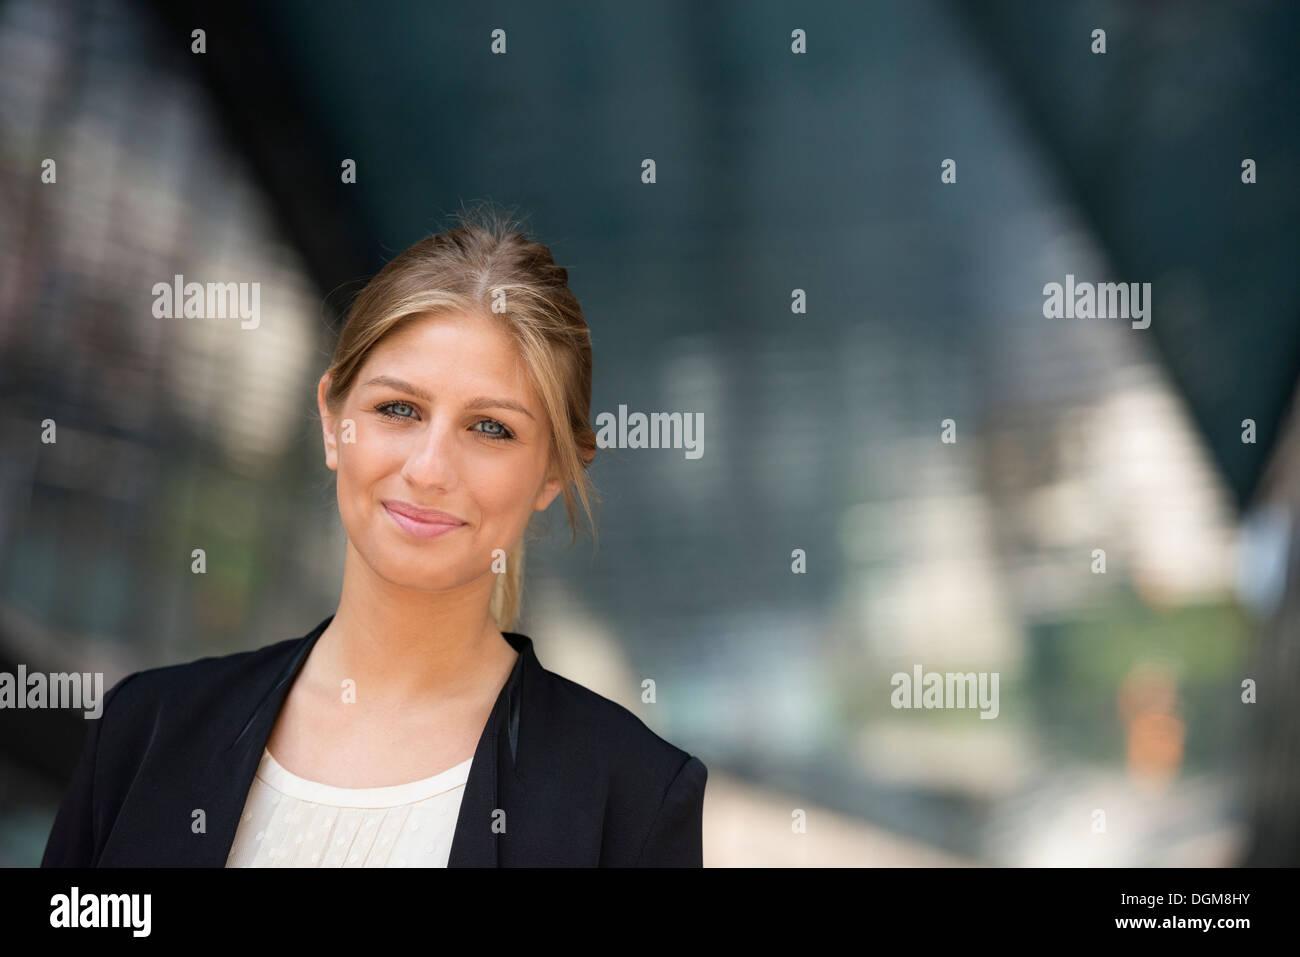 Une jeune femme blonde sur une rue de la ville de New York. Portant une veste noire. Photo Stock